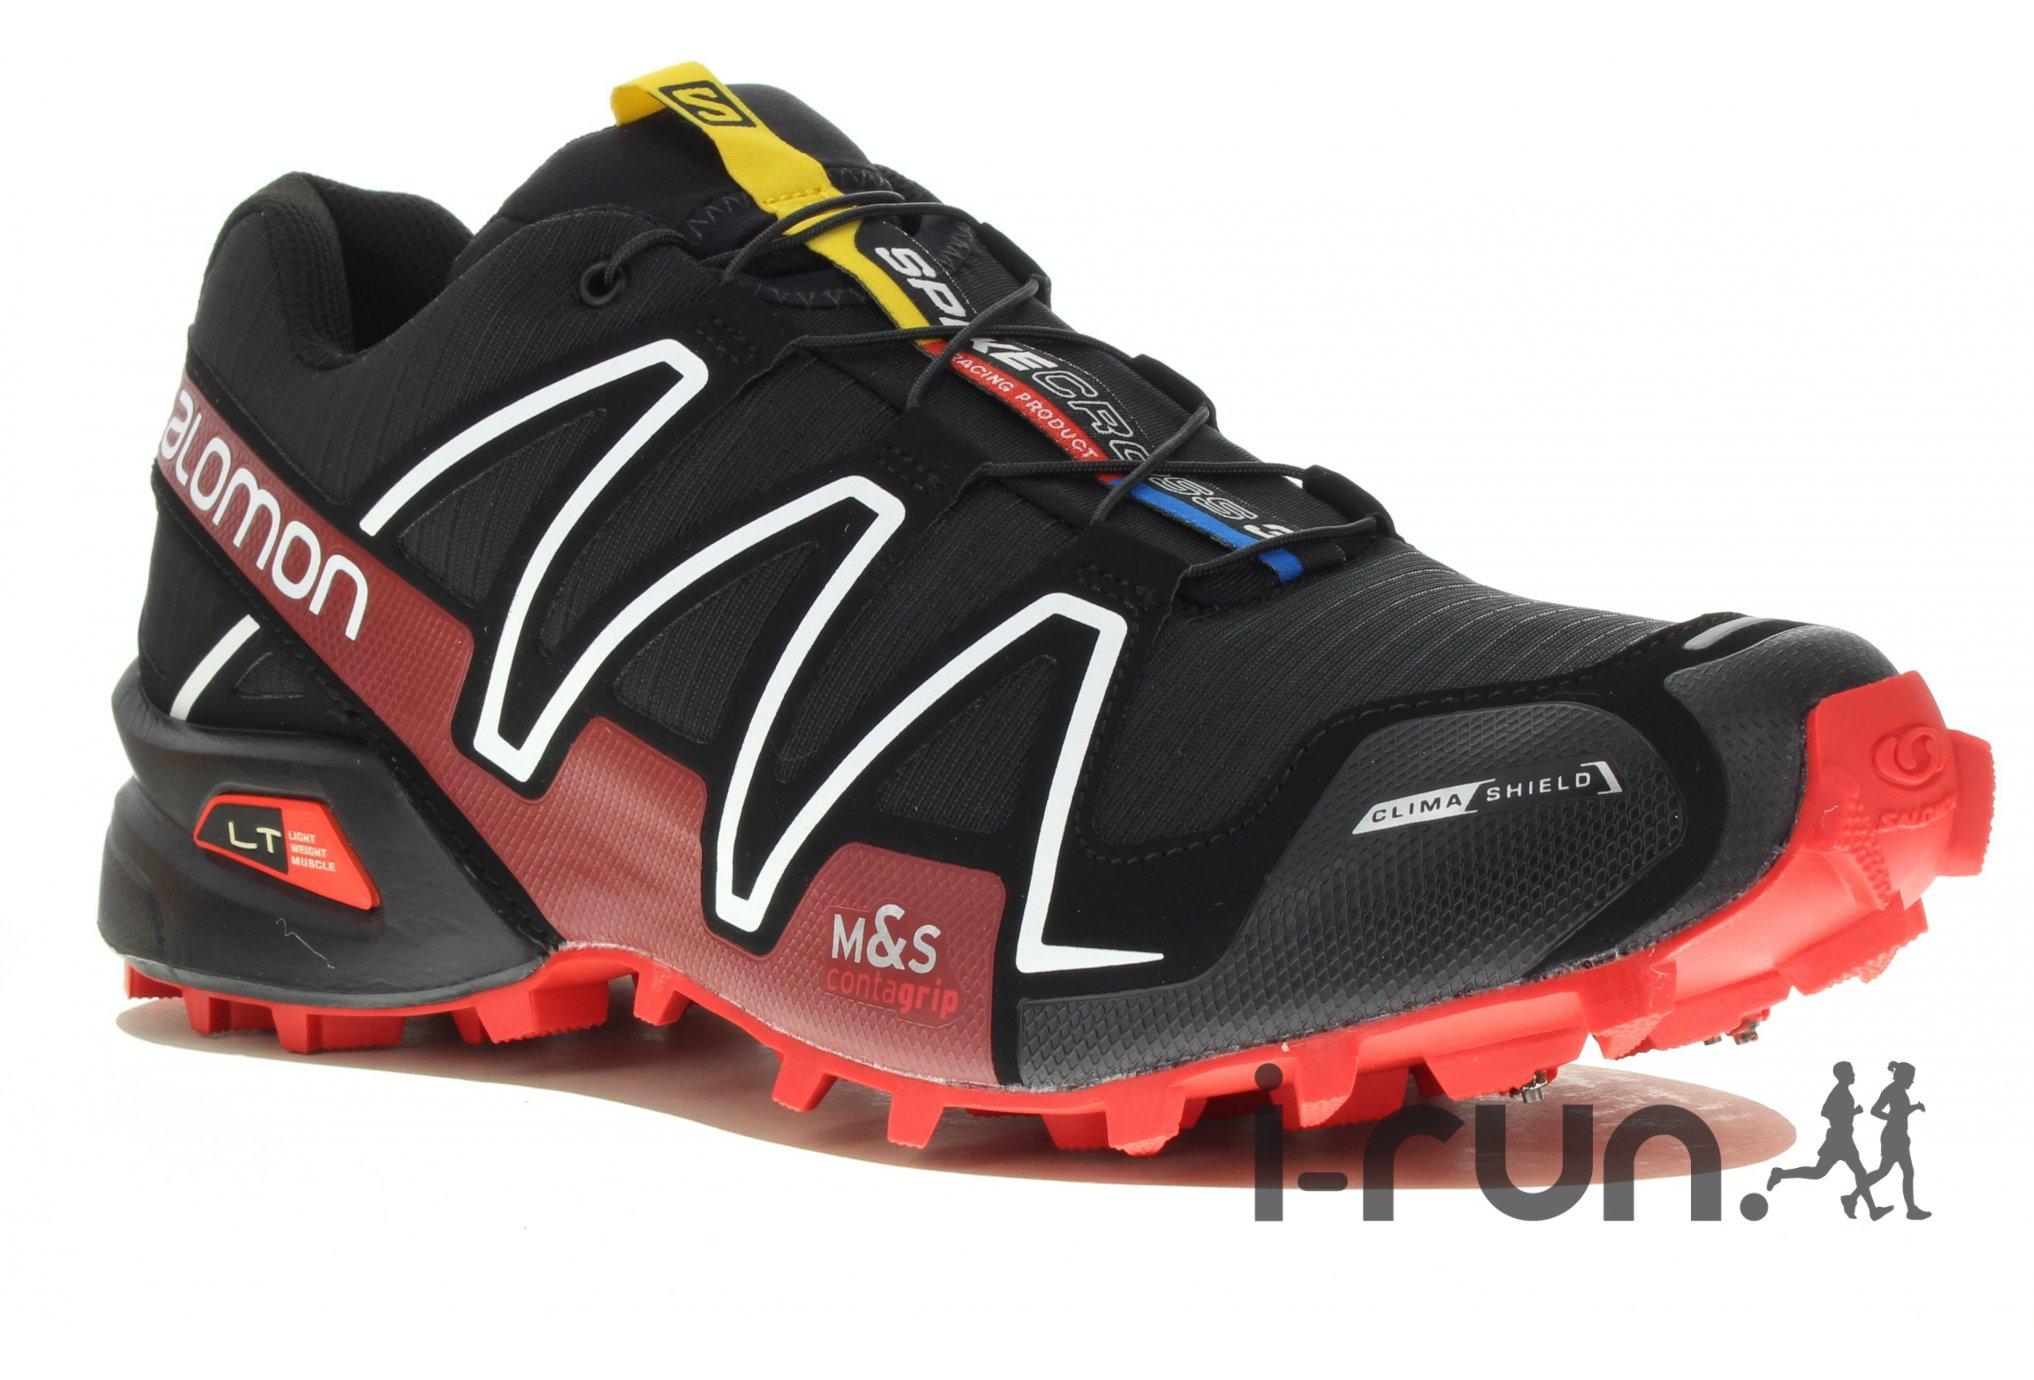 Salomon Spikecross 3 ClimaShield Chaussures homme